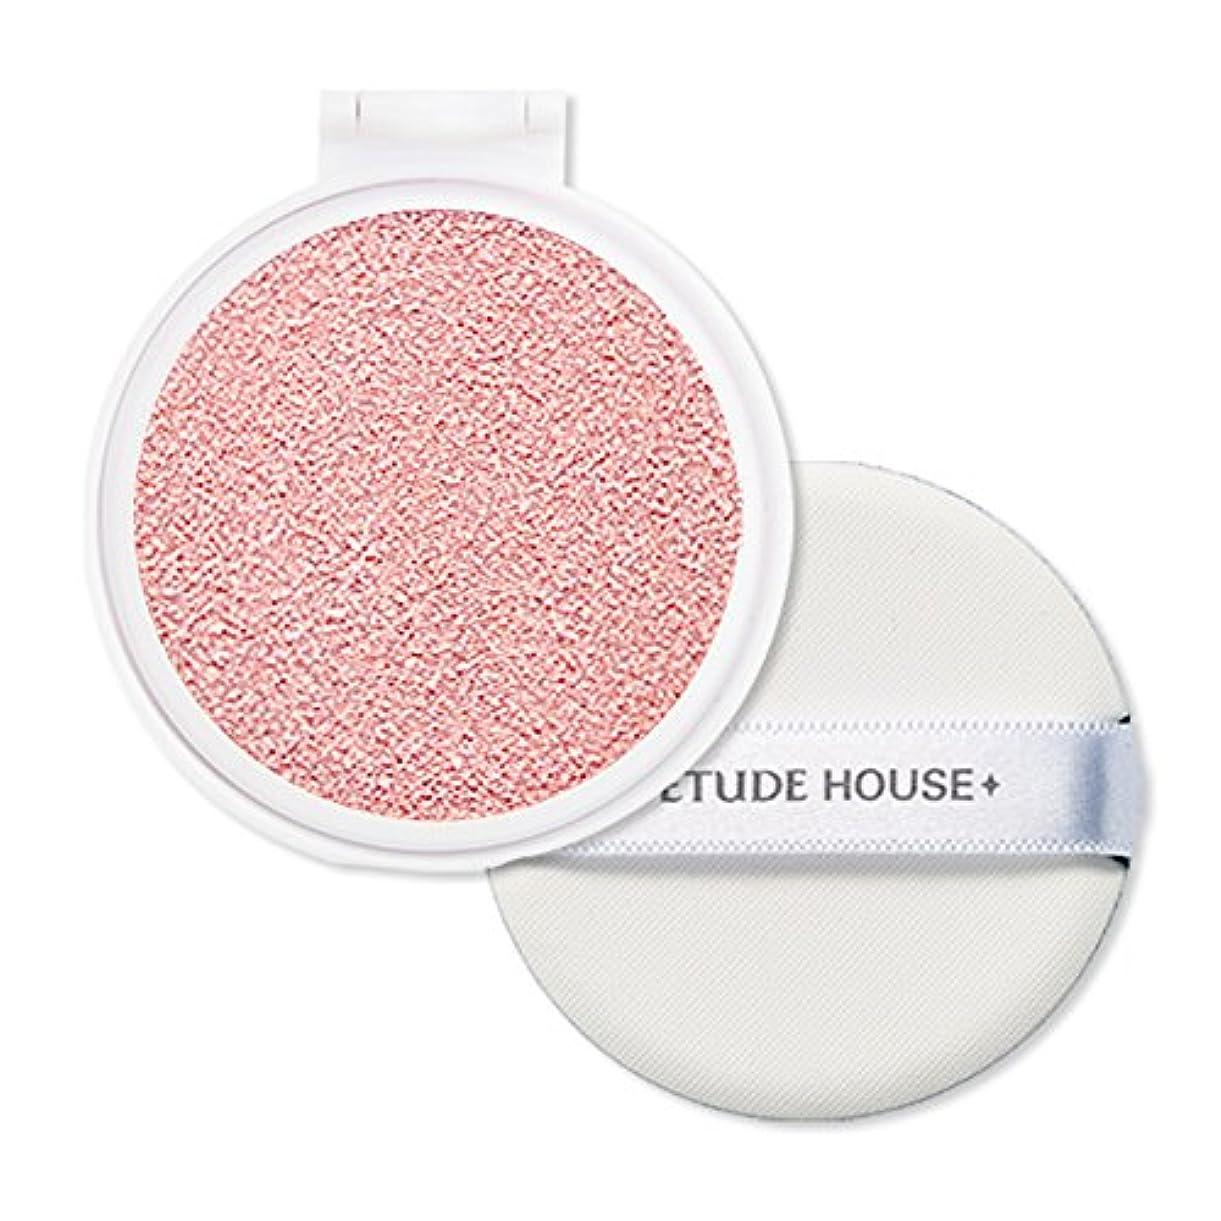 上流の床前文エチュードハウス(ETUDE HOUSE) エニークッション カラーコレクター レフィル Pink